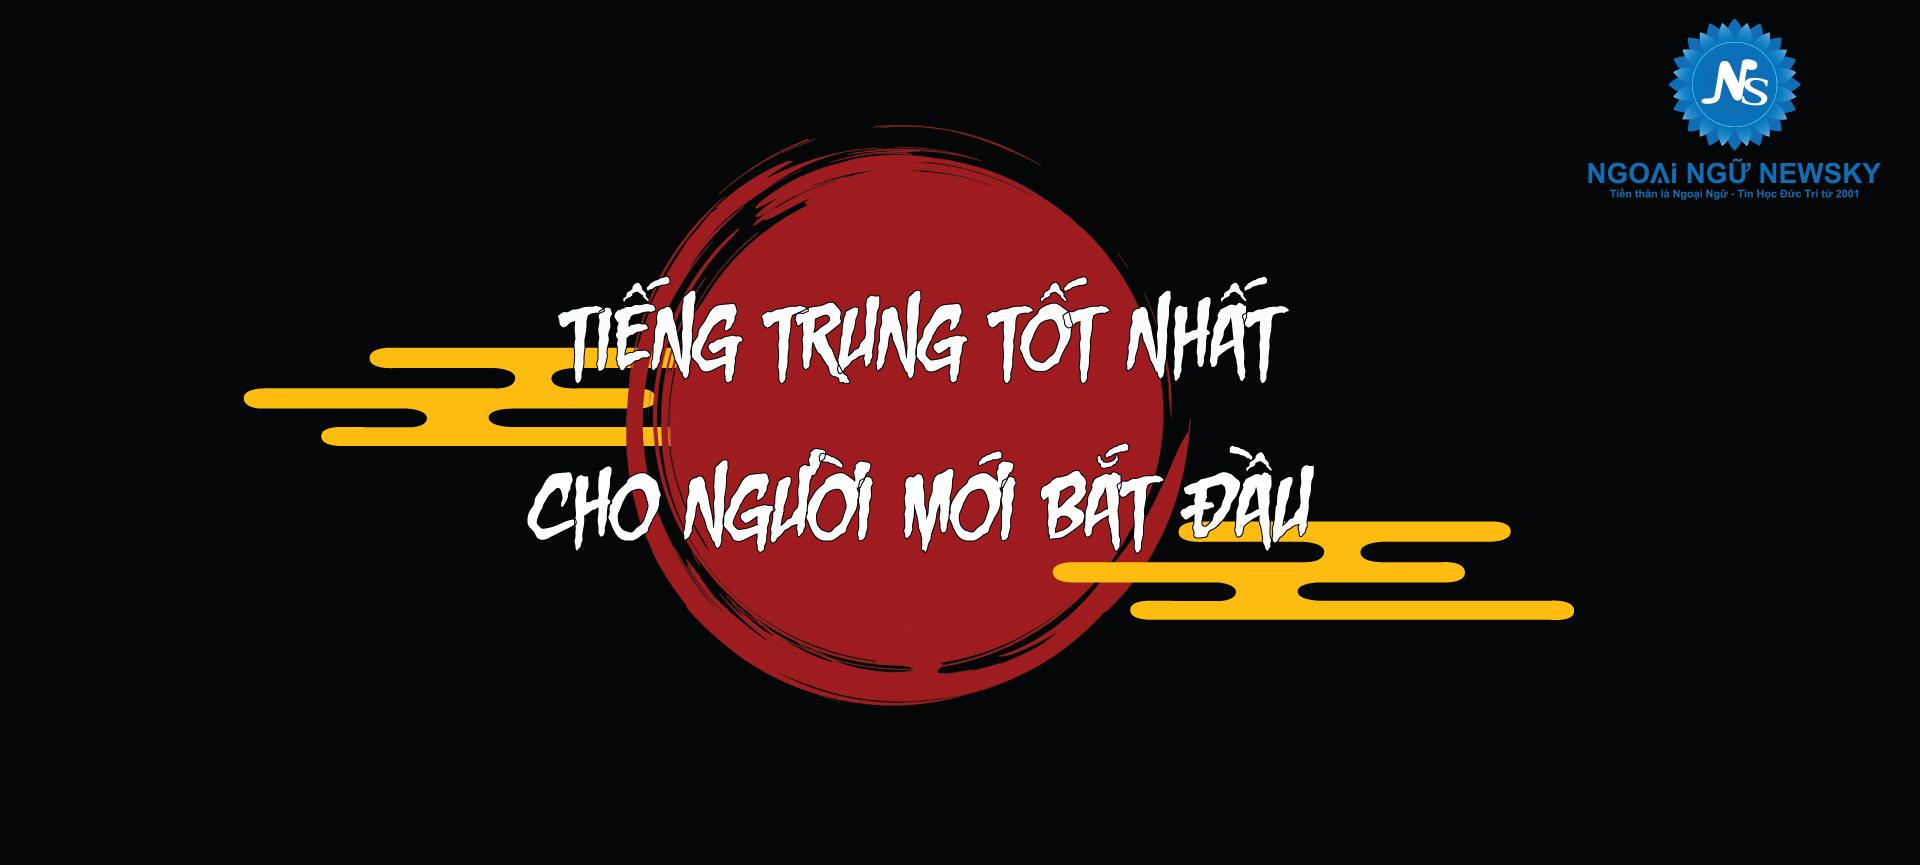 Khóa học tiếng Trung tốt nhất cho người mới bắt đầu